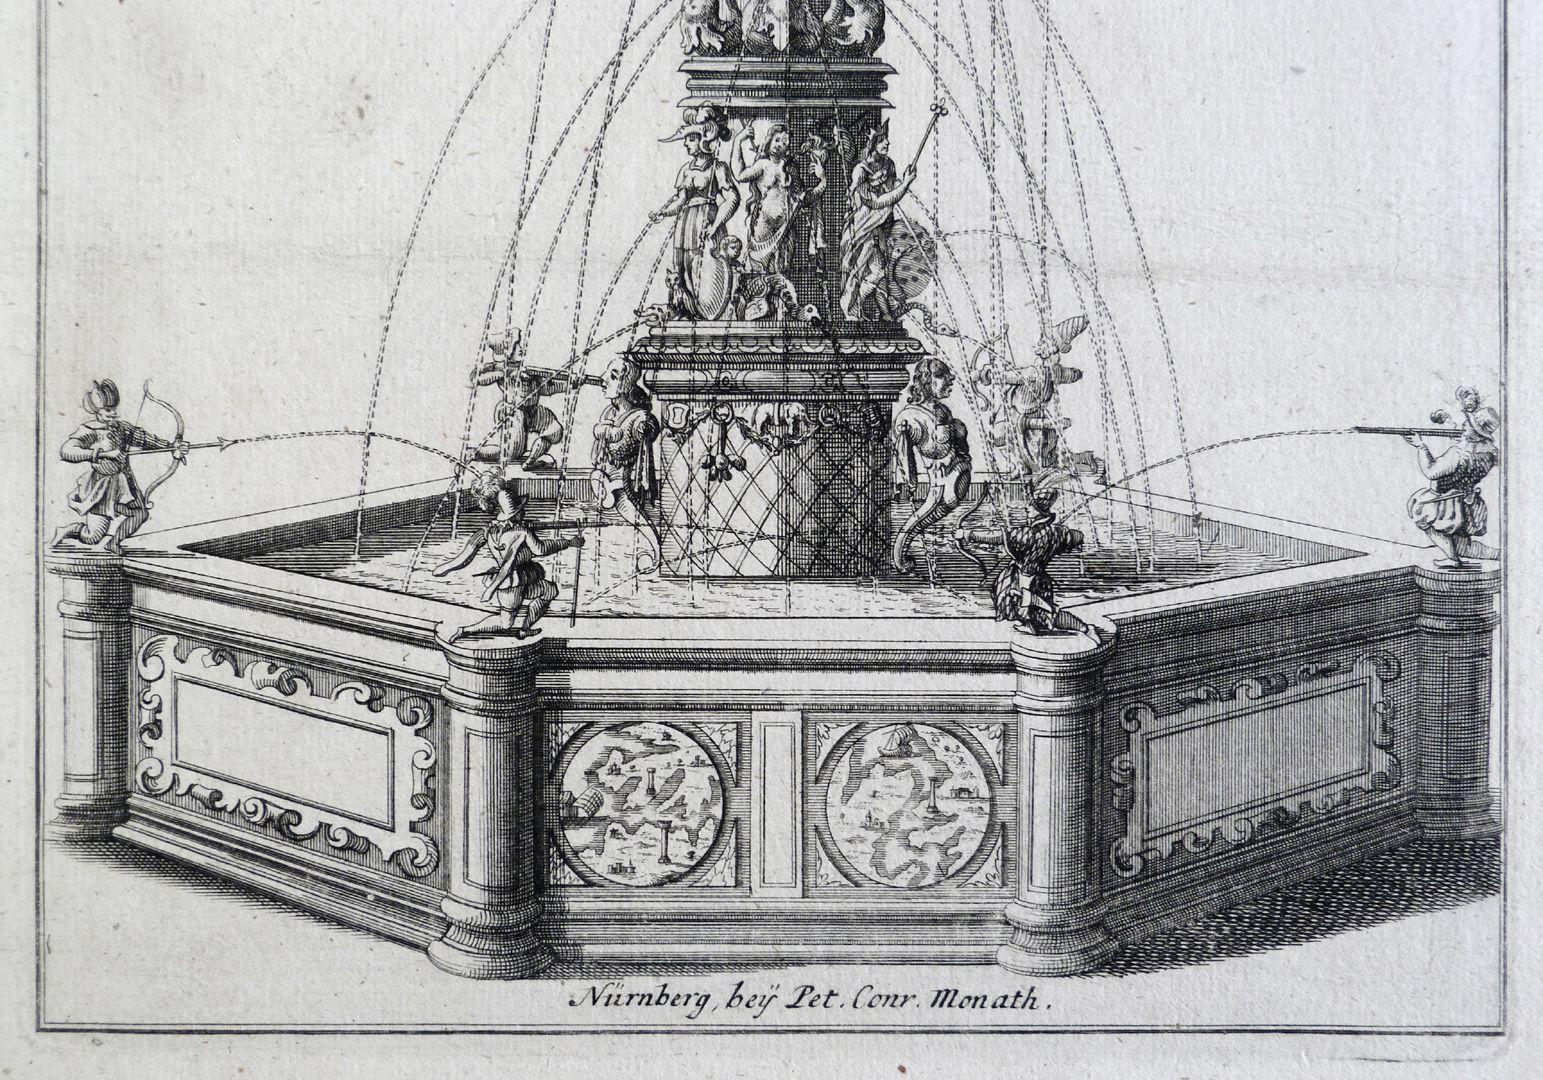 Neptunbrunnen Brunnenbecken, Die Kriegergestalten als Anspielung an die Lepantoschlacht (1571)?